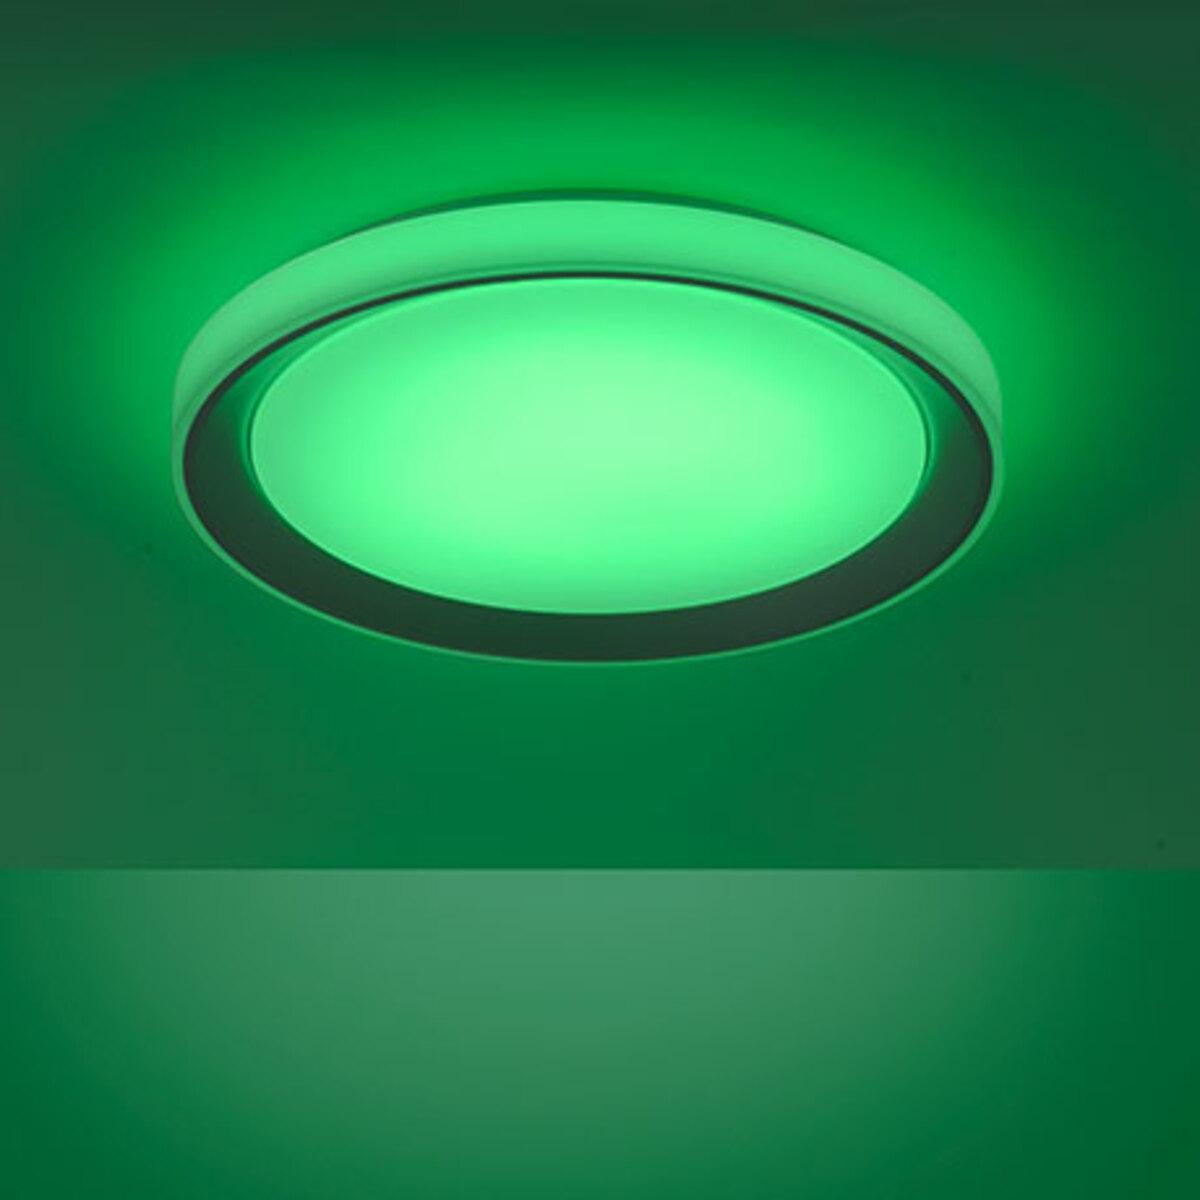 Bild 4 von LED-Deckenleuchte LOLASmart Leni1